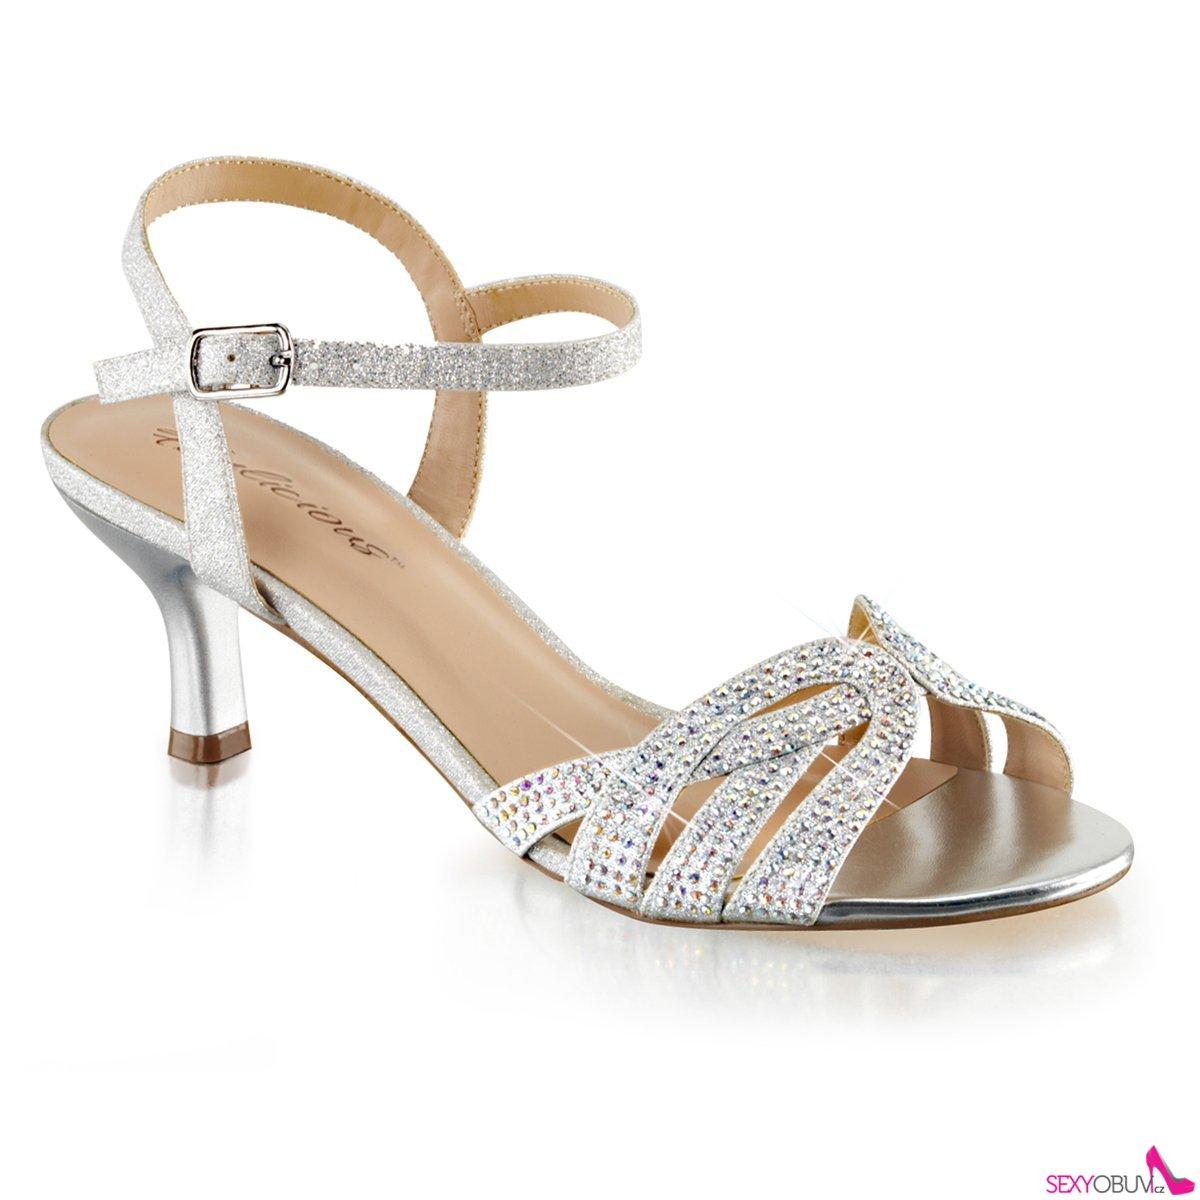 AUDREY-03 Stříbrné společenské sandály na nízkém podpatku  03c8621154